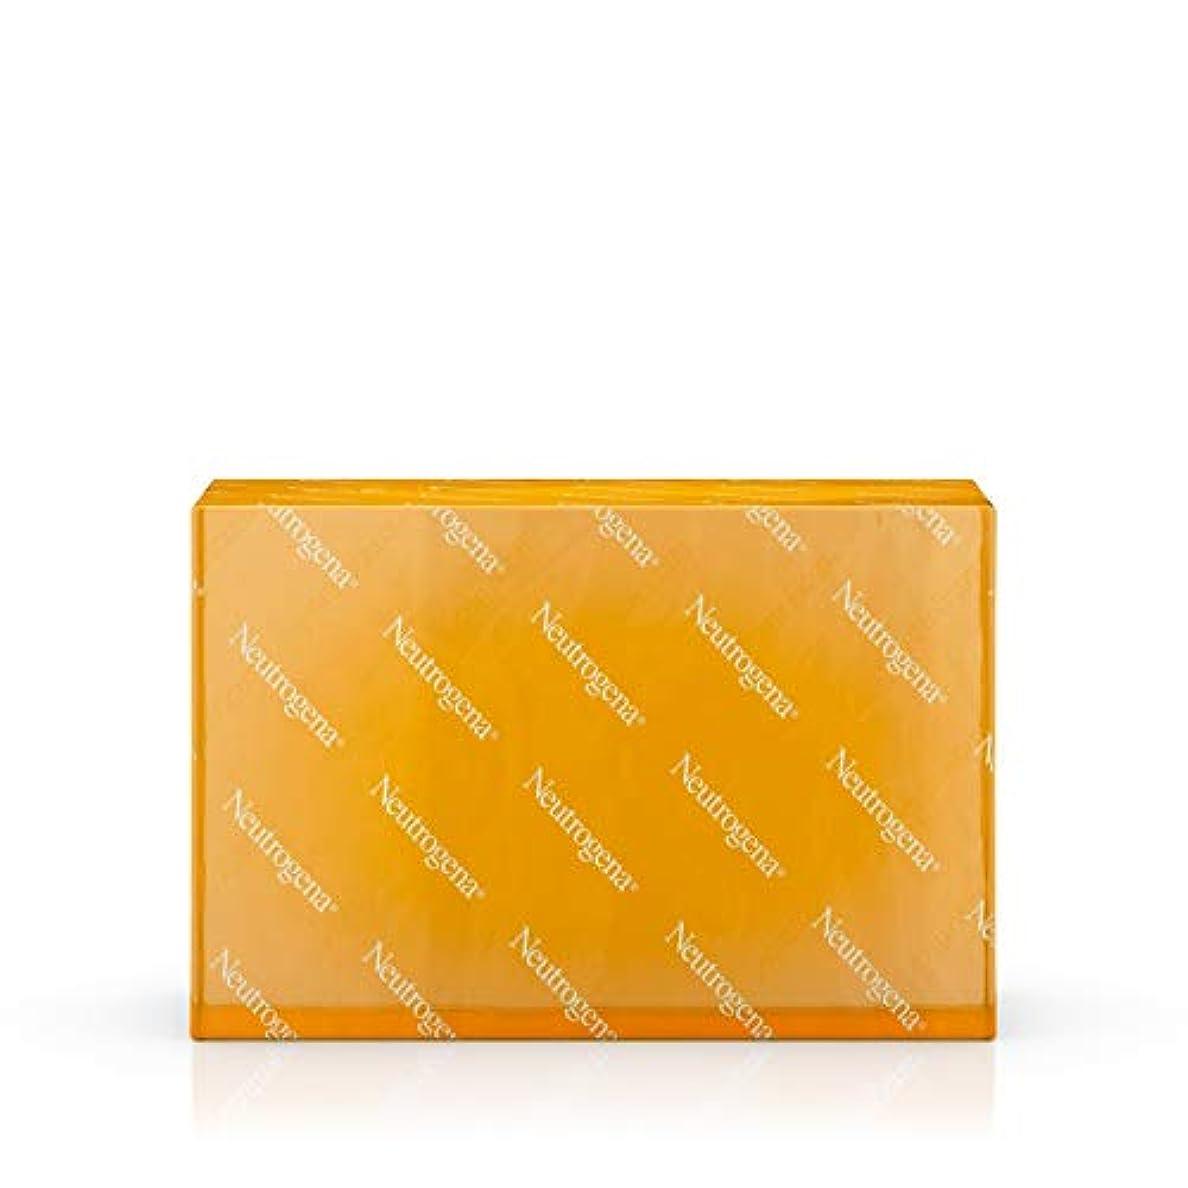 機動マイナーコック海外直送品 Neutrogena Neutrogena Transparent Facial Bar Soap Fragrance Free, Fragrance Free 3.5 oz